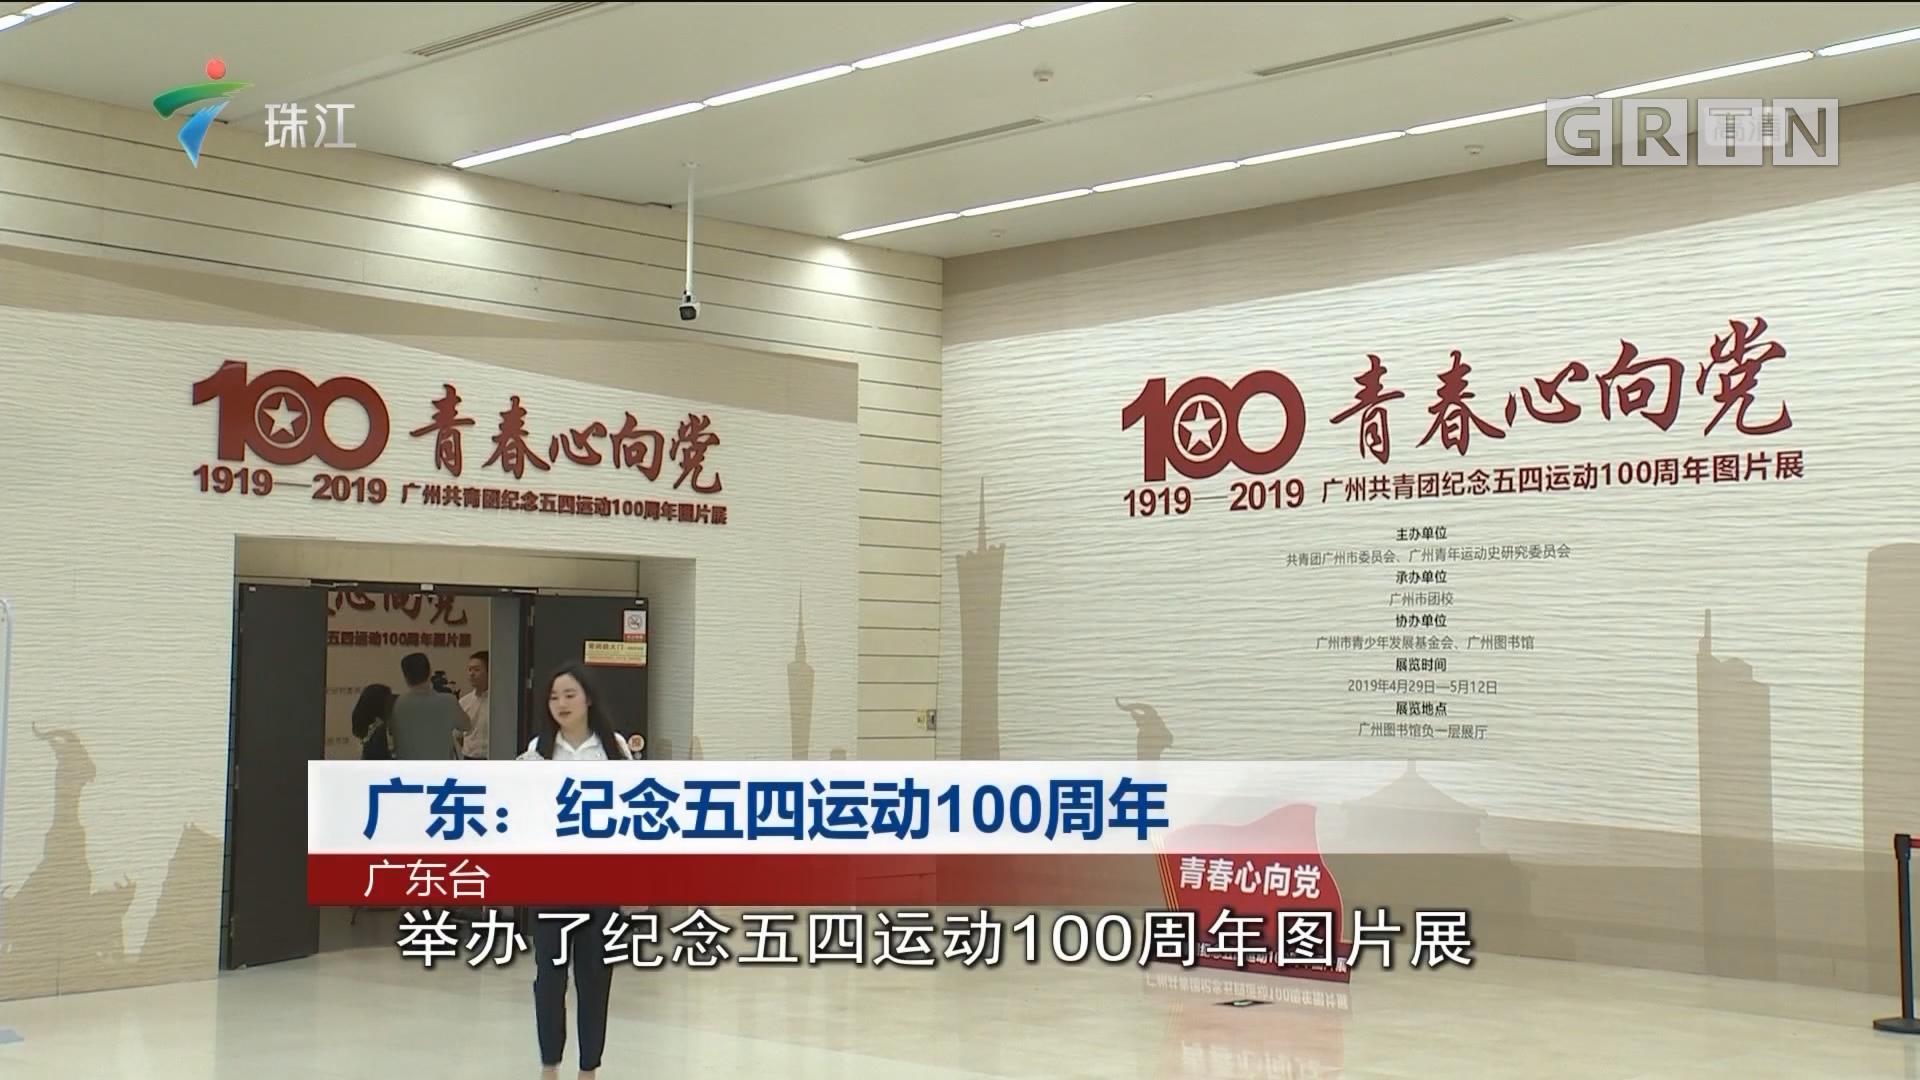 广东:纪念五四运动100周年